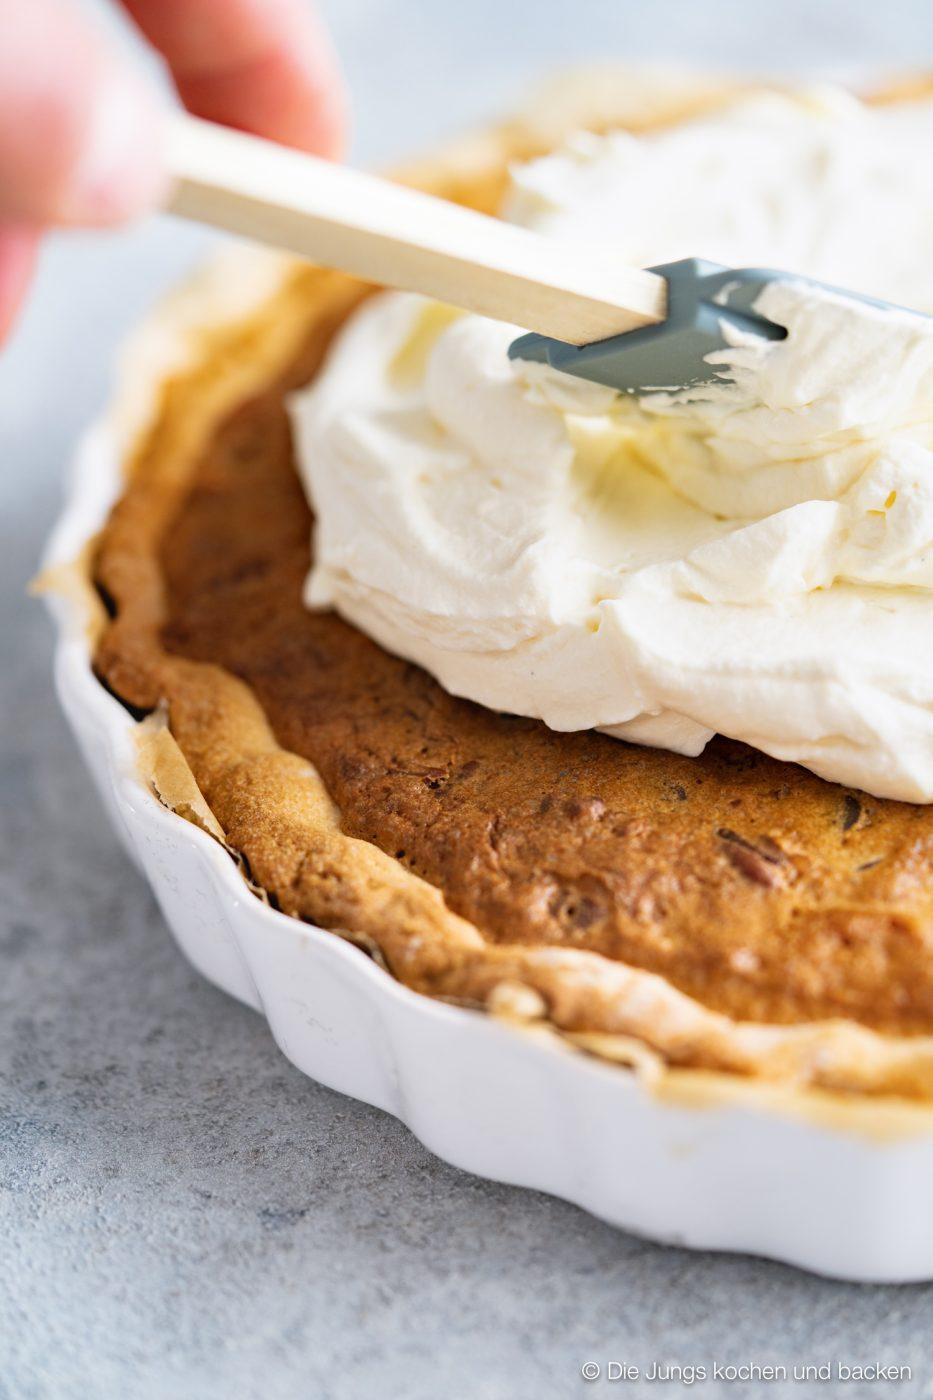 Cookie tarte eierlikör microplane 2 | Und weiter geht's mit unseren Ideen für euer Oster-Brunch. Nach den unverschämt guten Eggs Benedicts muss nun aber auch etwas Süßes auf den Tisch! An Ostern ist Eierlikör ein sehr gern gesehener Gast und auch bei unserem heutigen Rezept spielt er eine leckere Rolle. Wir haben eine wunderbare Sünde für die Ostertage gebacken, die ihr mit Sicherheit lieben werdet - eine Cookie-Tarte mit Tonkabohne & Eierlikör.